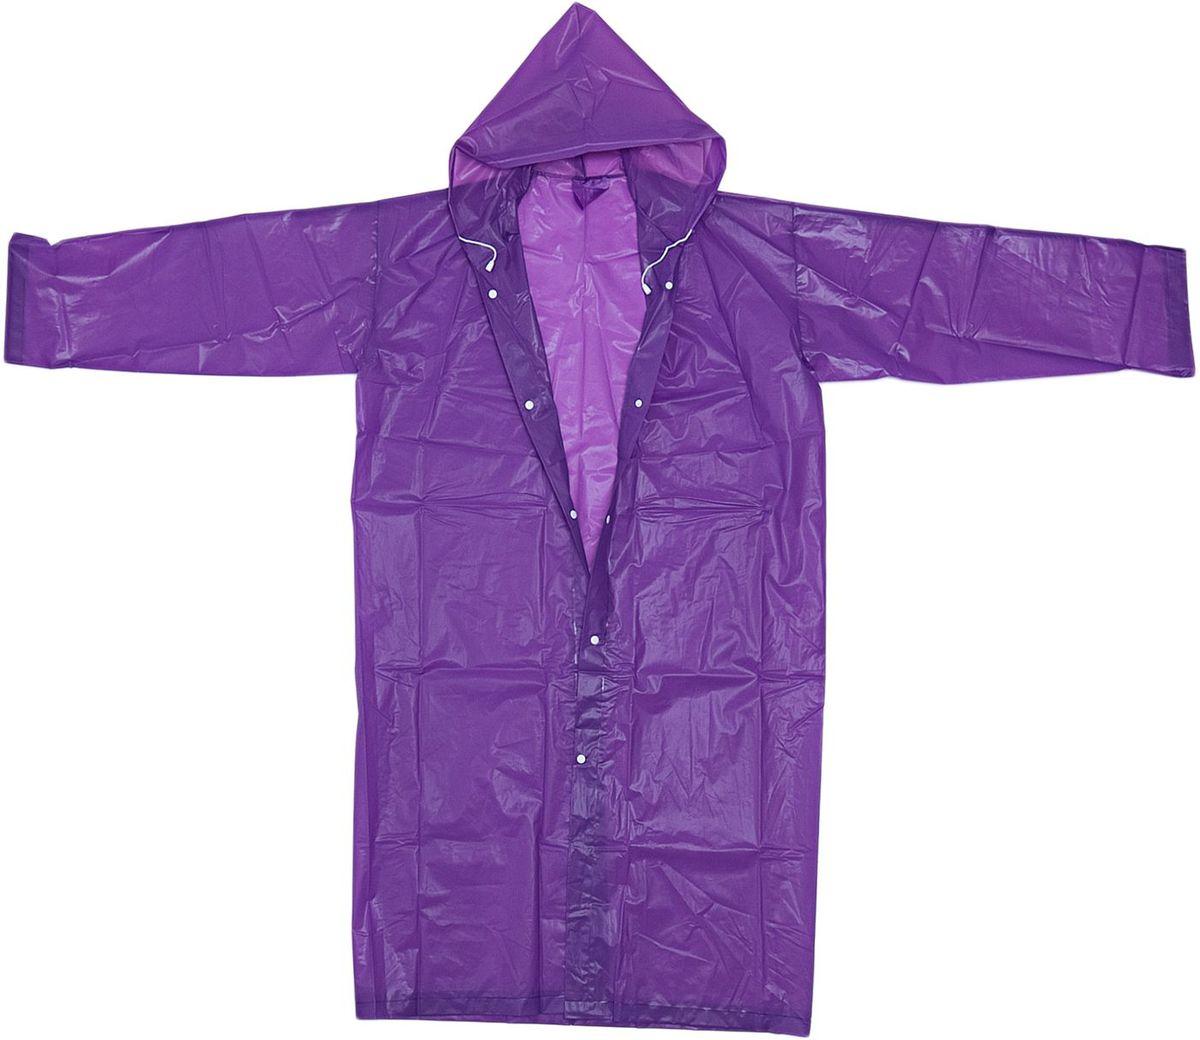 Плащ-дождевик Homsu, цвет: фиолетовый, 115 х 126 смR-113Дождевик из прочного водонепроницаемого материала с капюшоном, застегивается на кнопки. Свободный покрой позволяет надевать дождевик поверх рюкзака и объемной одежды, а яркая расцветка не даст скучать в дождливую погоду! Размер изделия: 115х126см